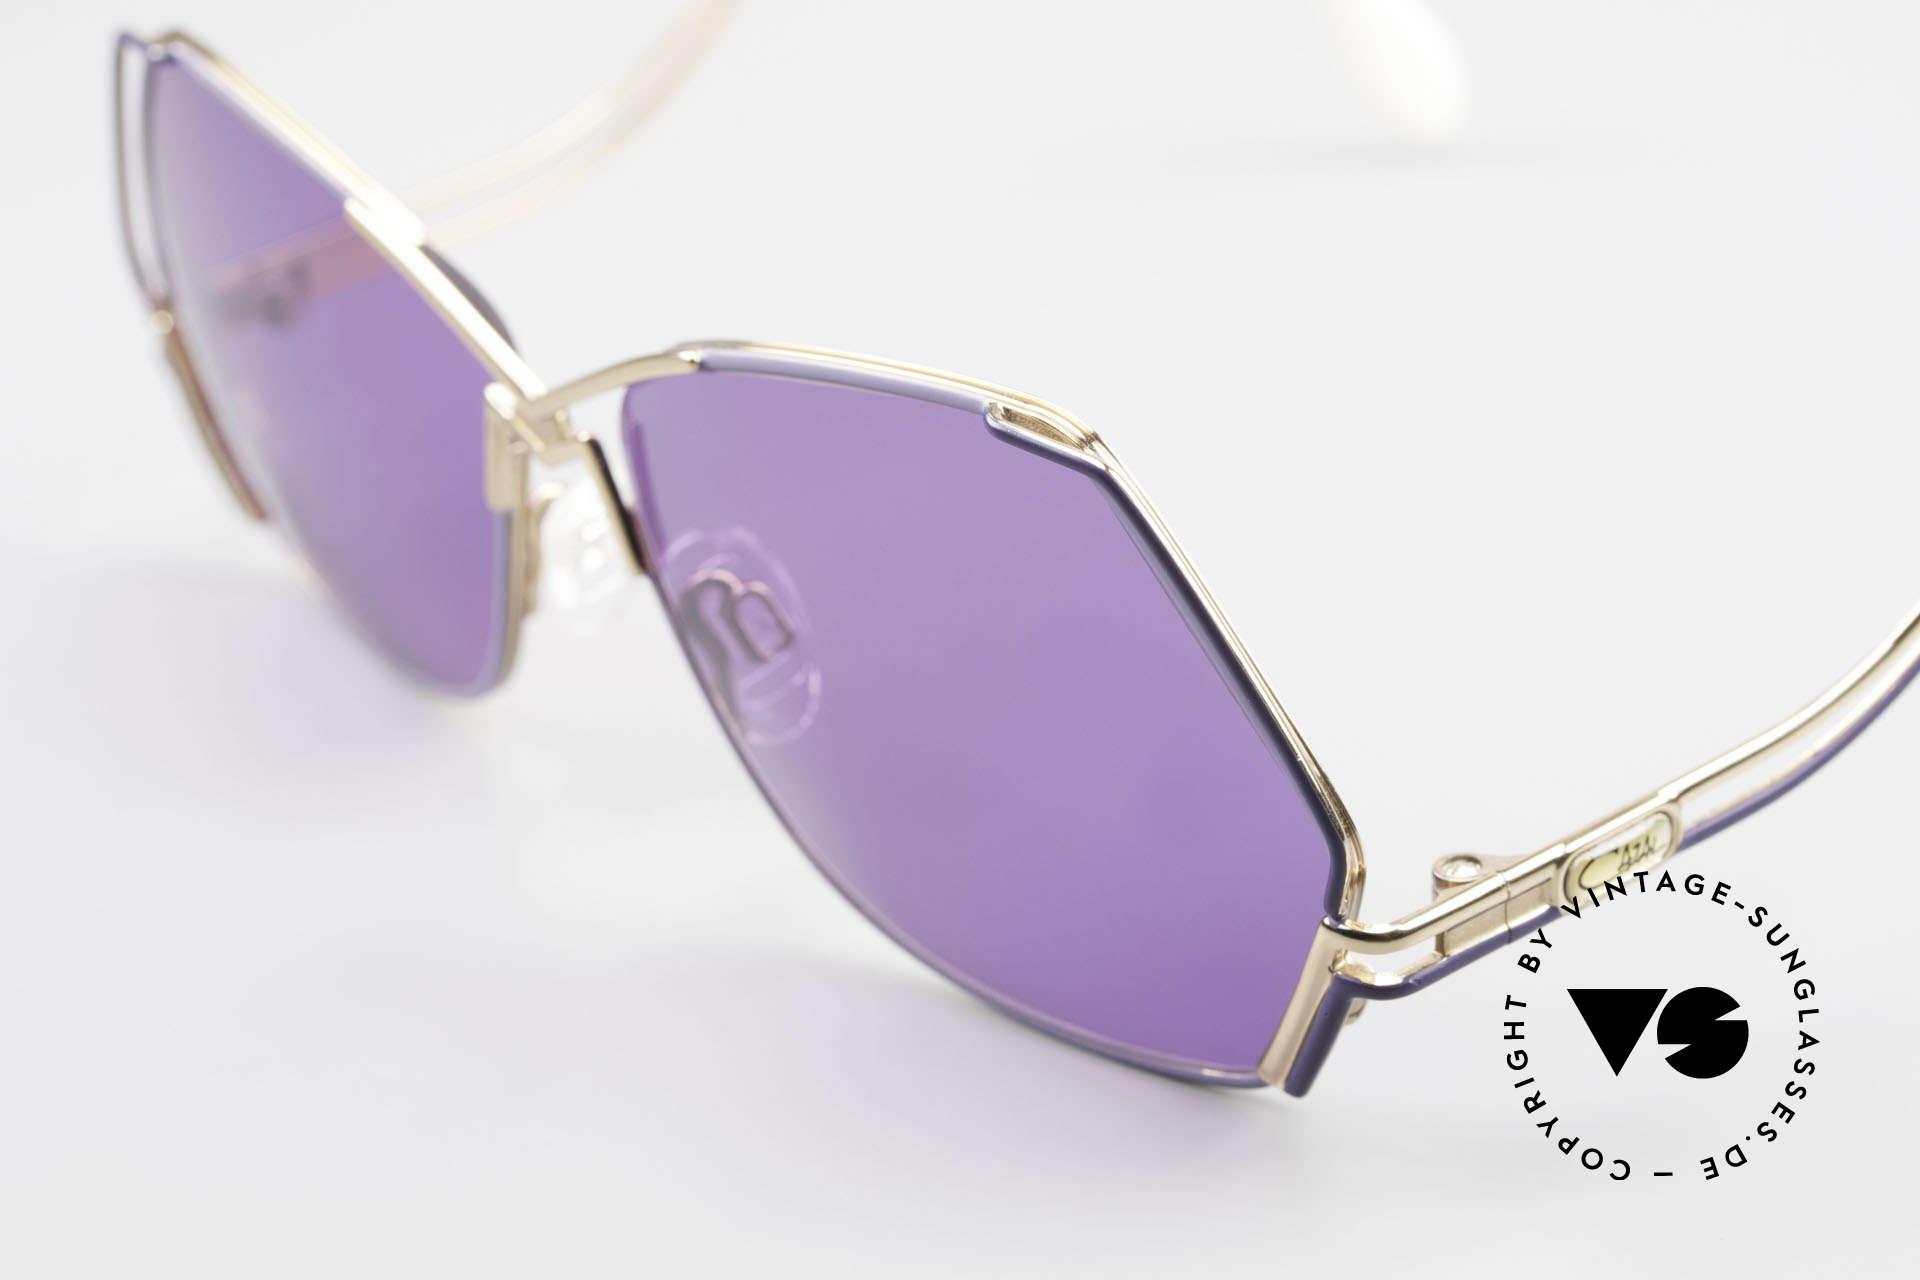 Cazal 226 Vintage Sonnenbrille Damen, 80er Rahmen (W.Germany), 90er = made in Germany, Passend für Damen